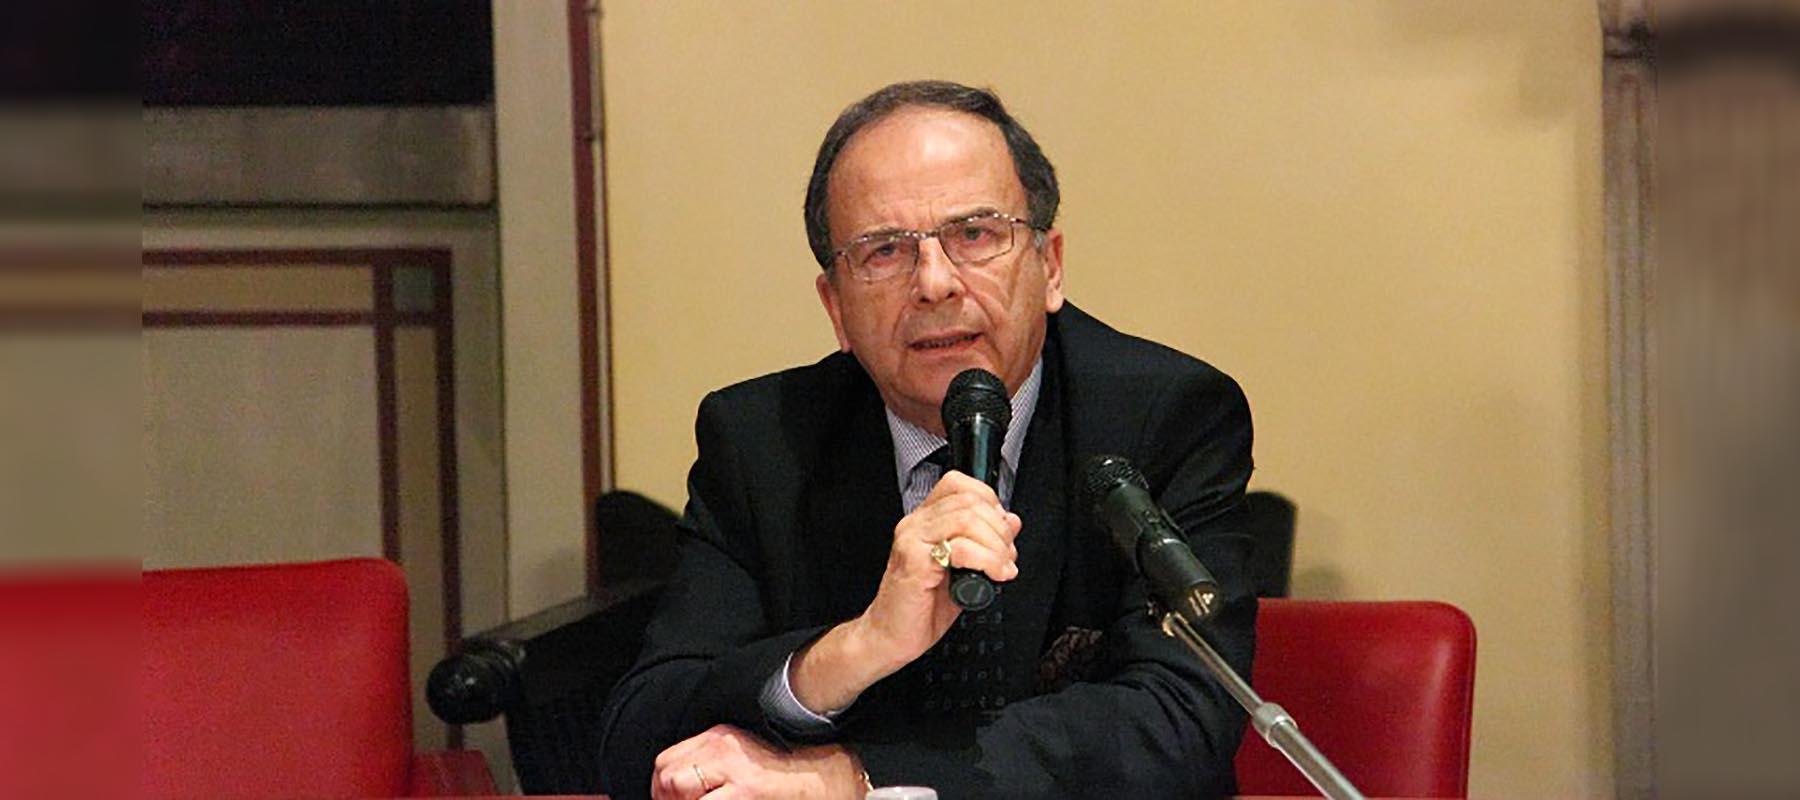 L'Italia ringrazia l'avvocato <br />cacciatore di tesori perduti